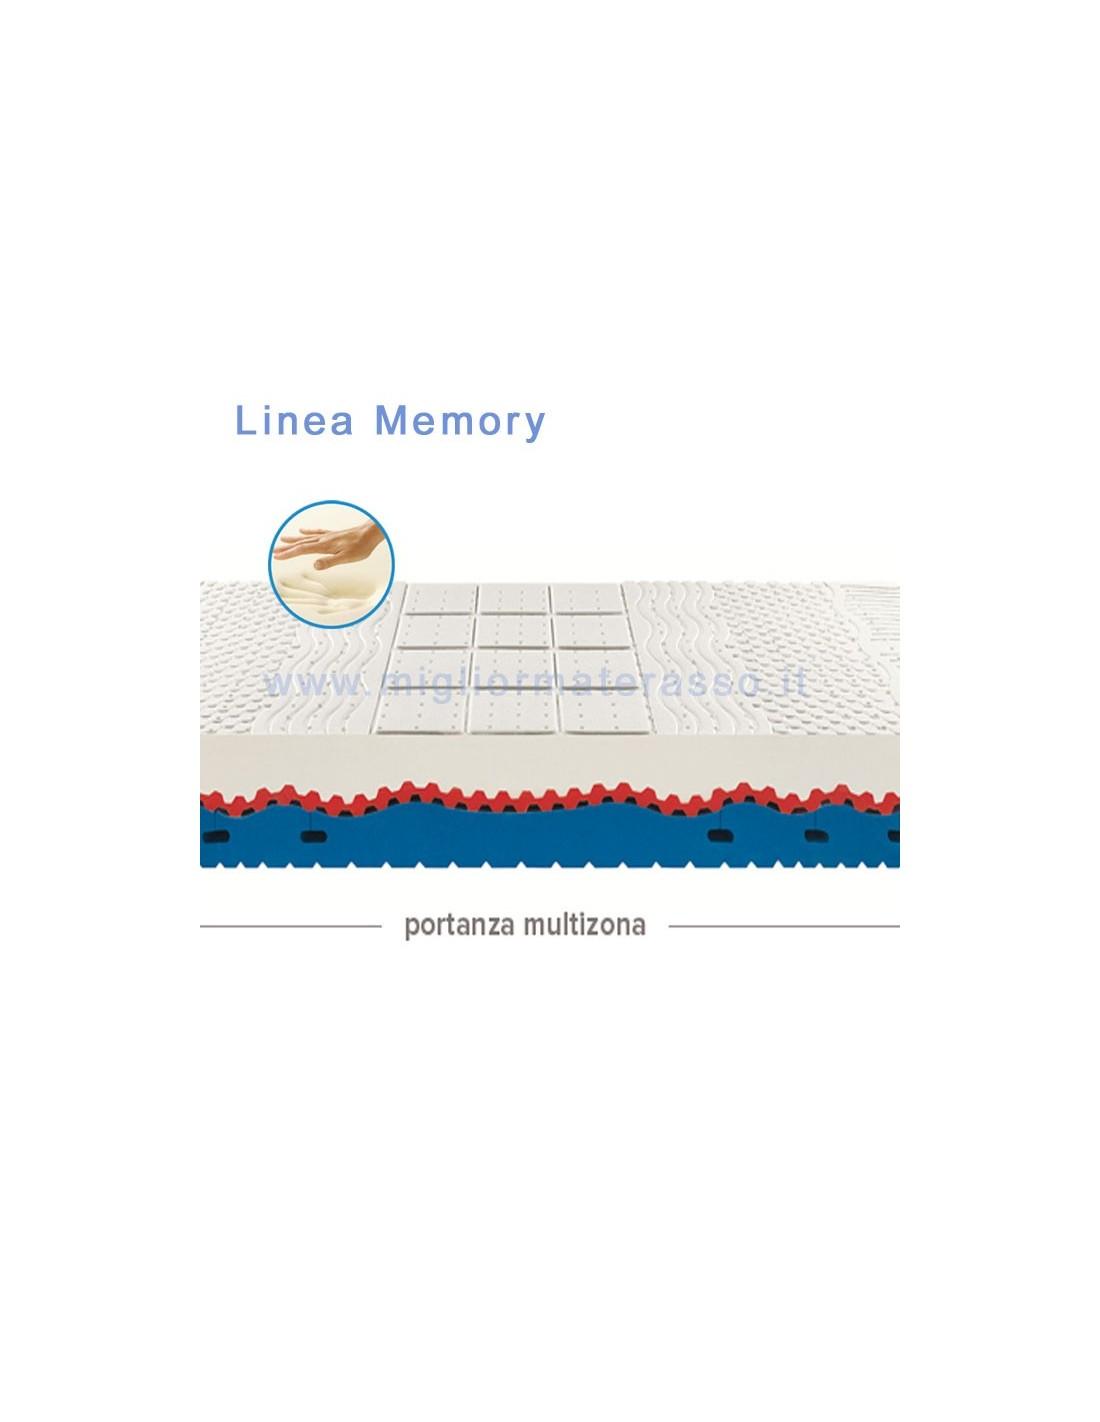 Materasso Memory Ennerev Bodypure PRO materasso al prezzo